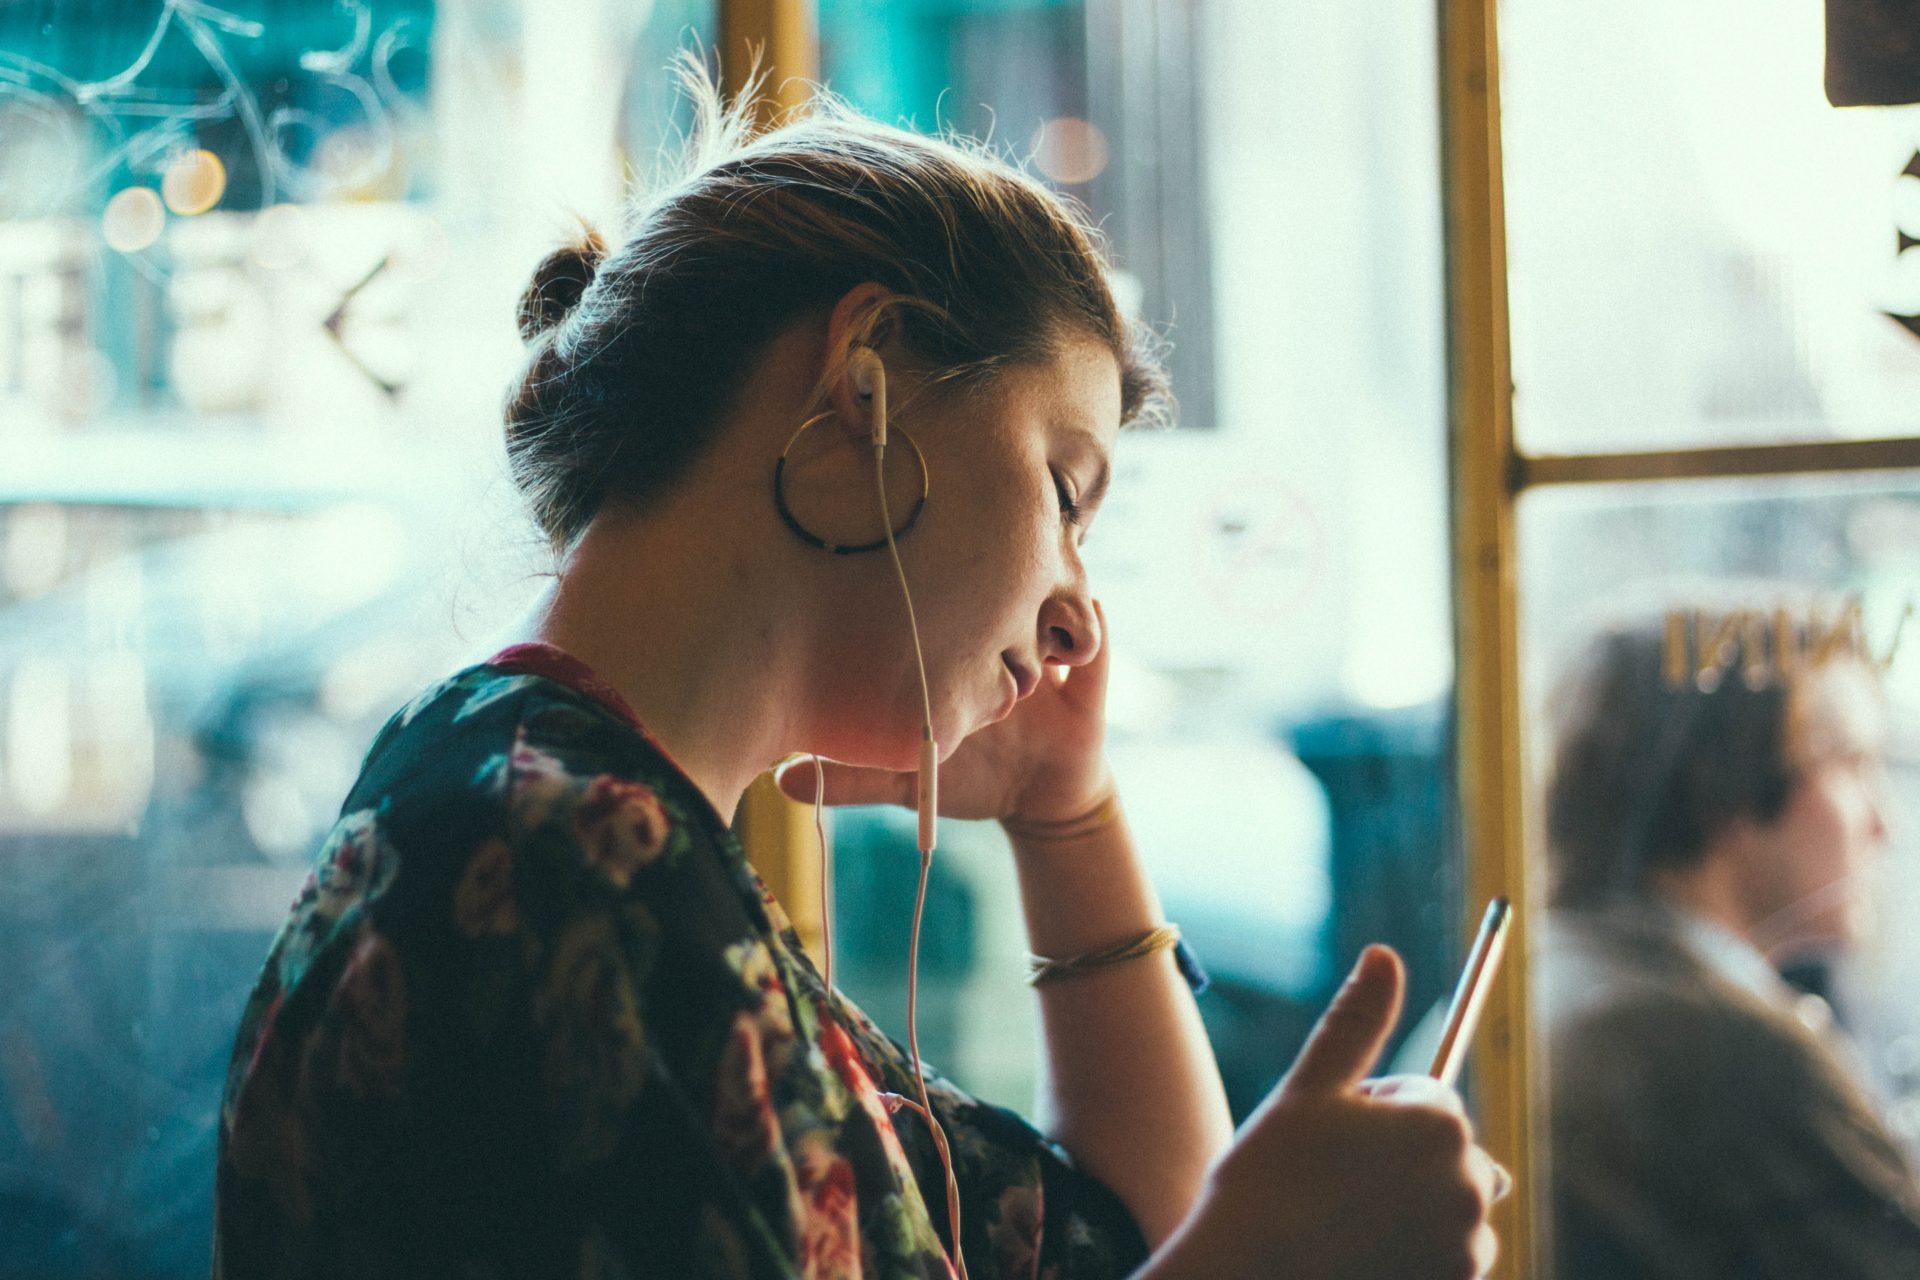 Nainen kuuntelee kuulokkeilla puhelimesta jotain ja katsoo samalla puhelimen ruutua.